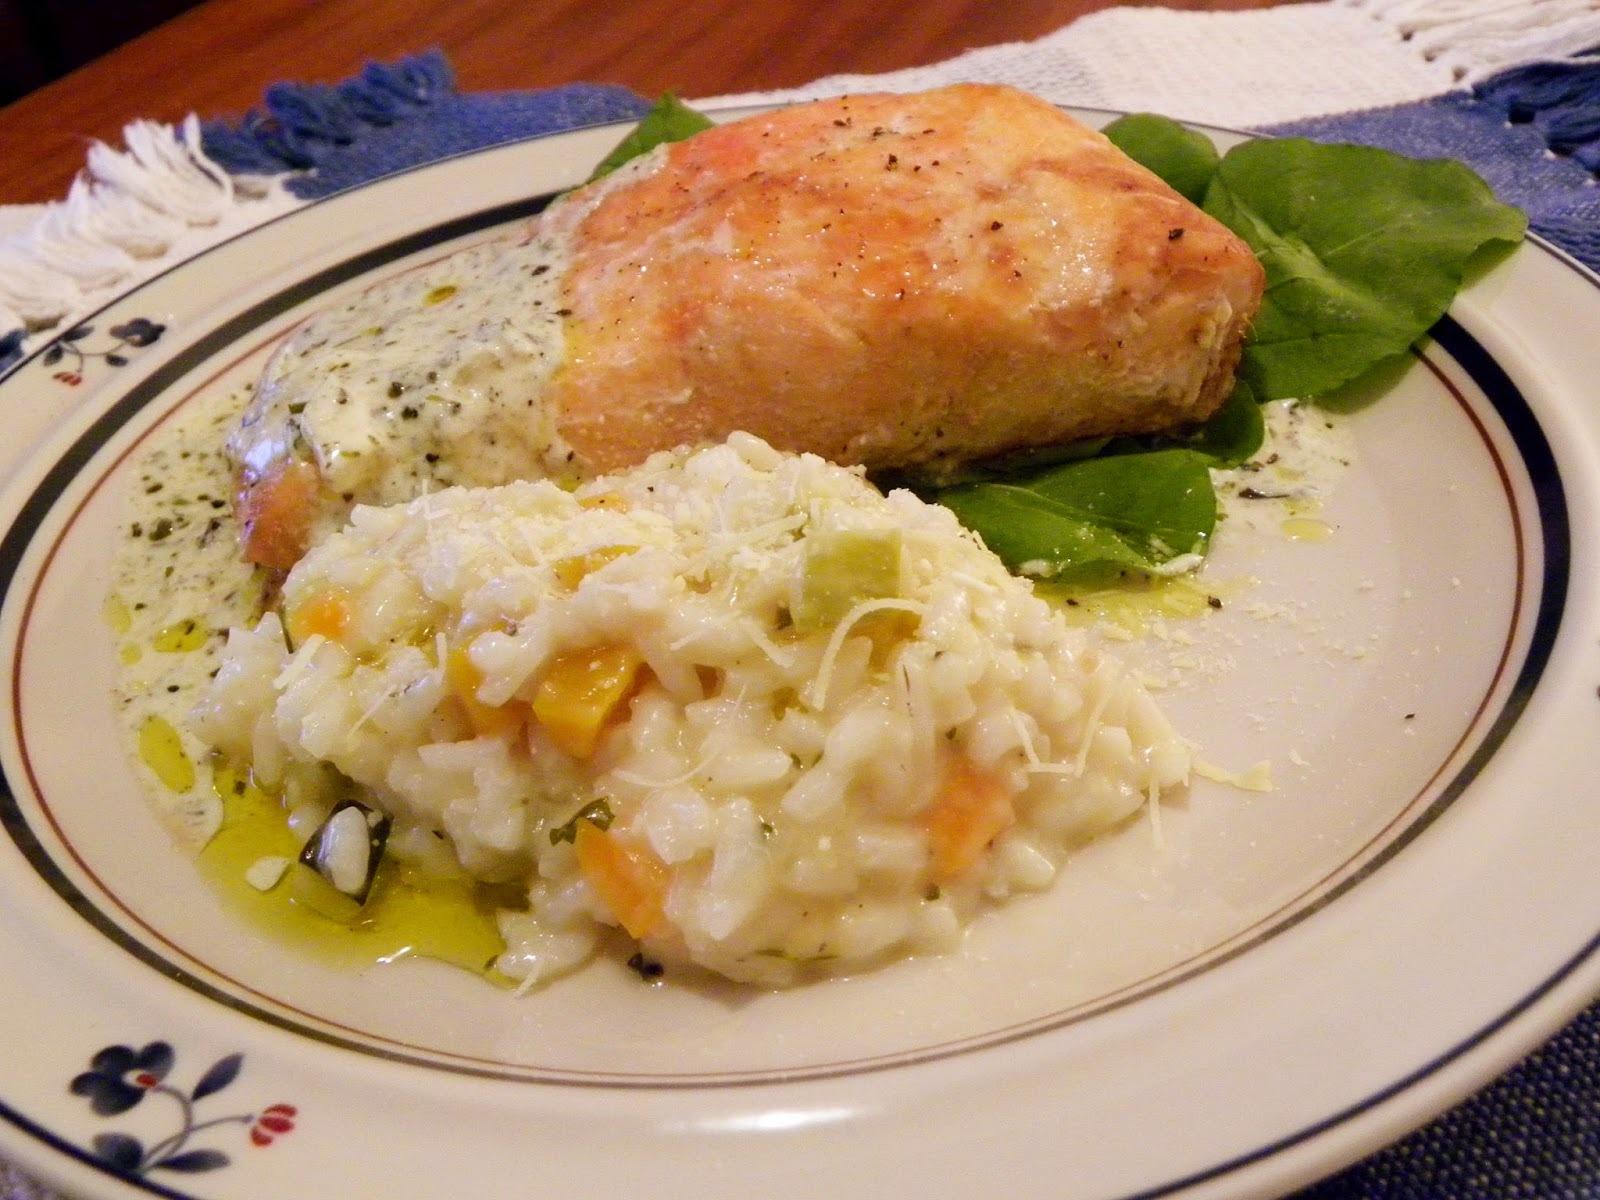 Risoto da Horta e Salmão ao Molho de Ervas e Limão Siciliano